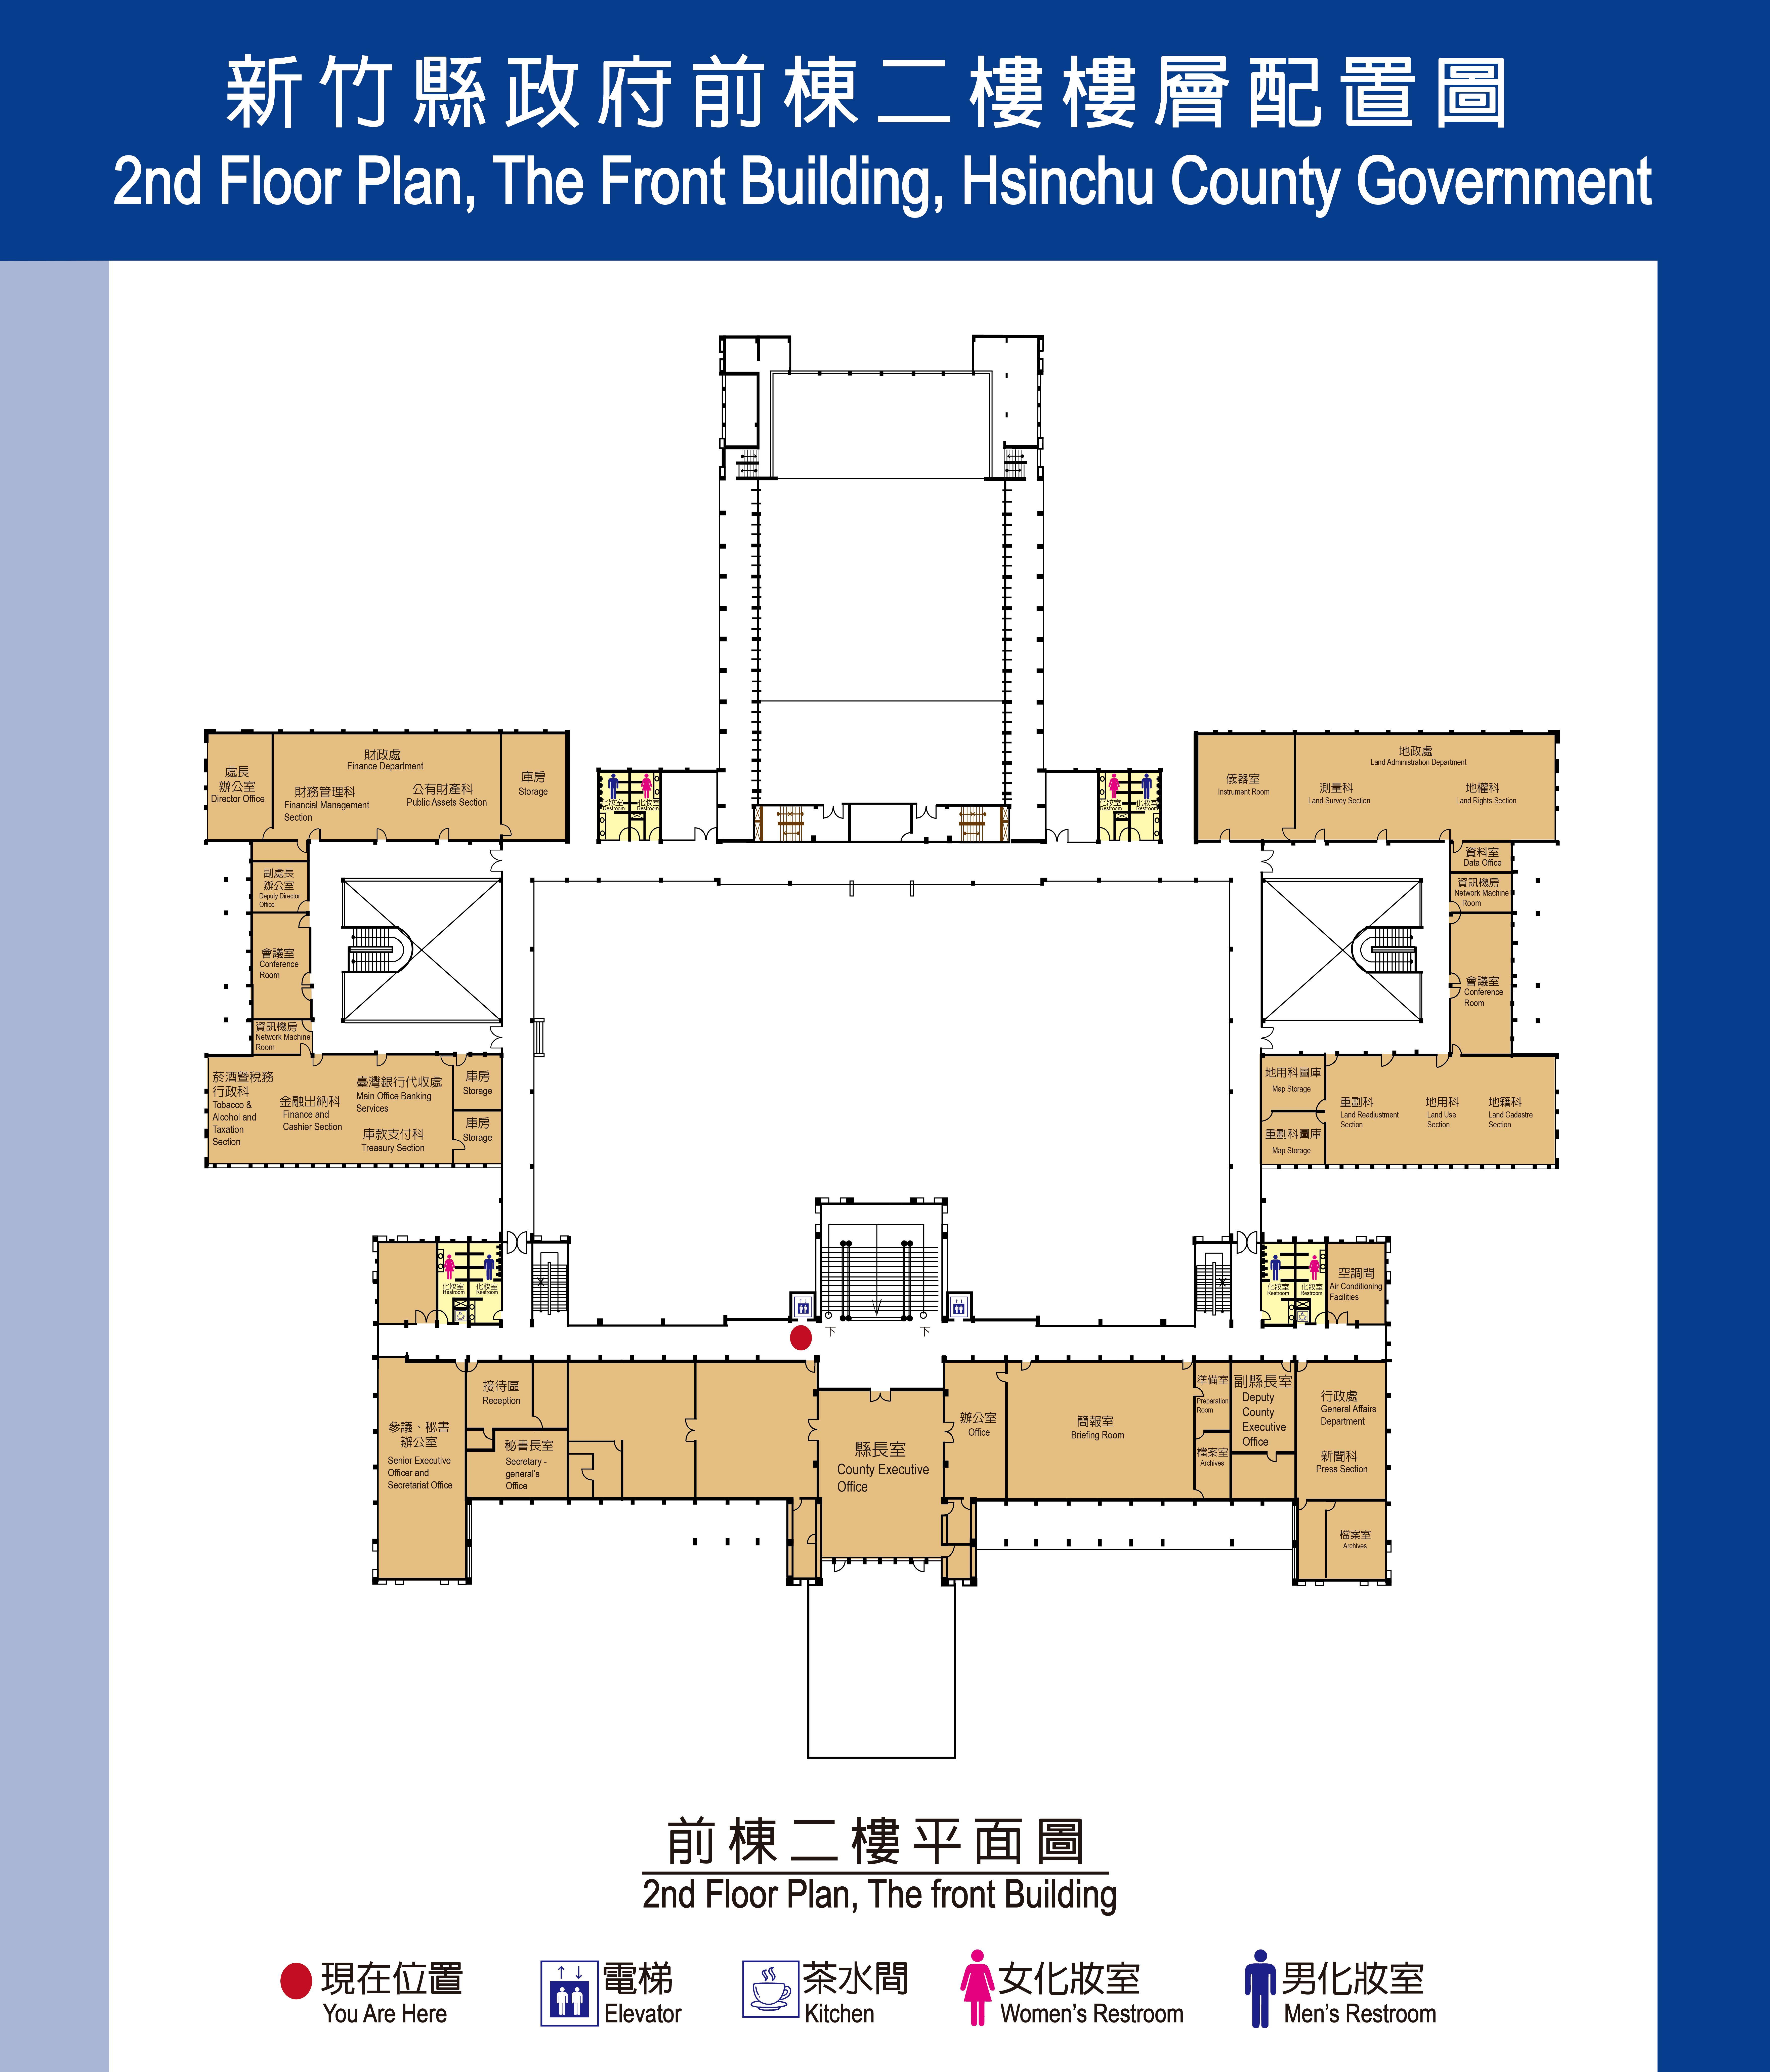 新竹縣政府前棟二樓樓層配置圖